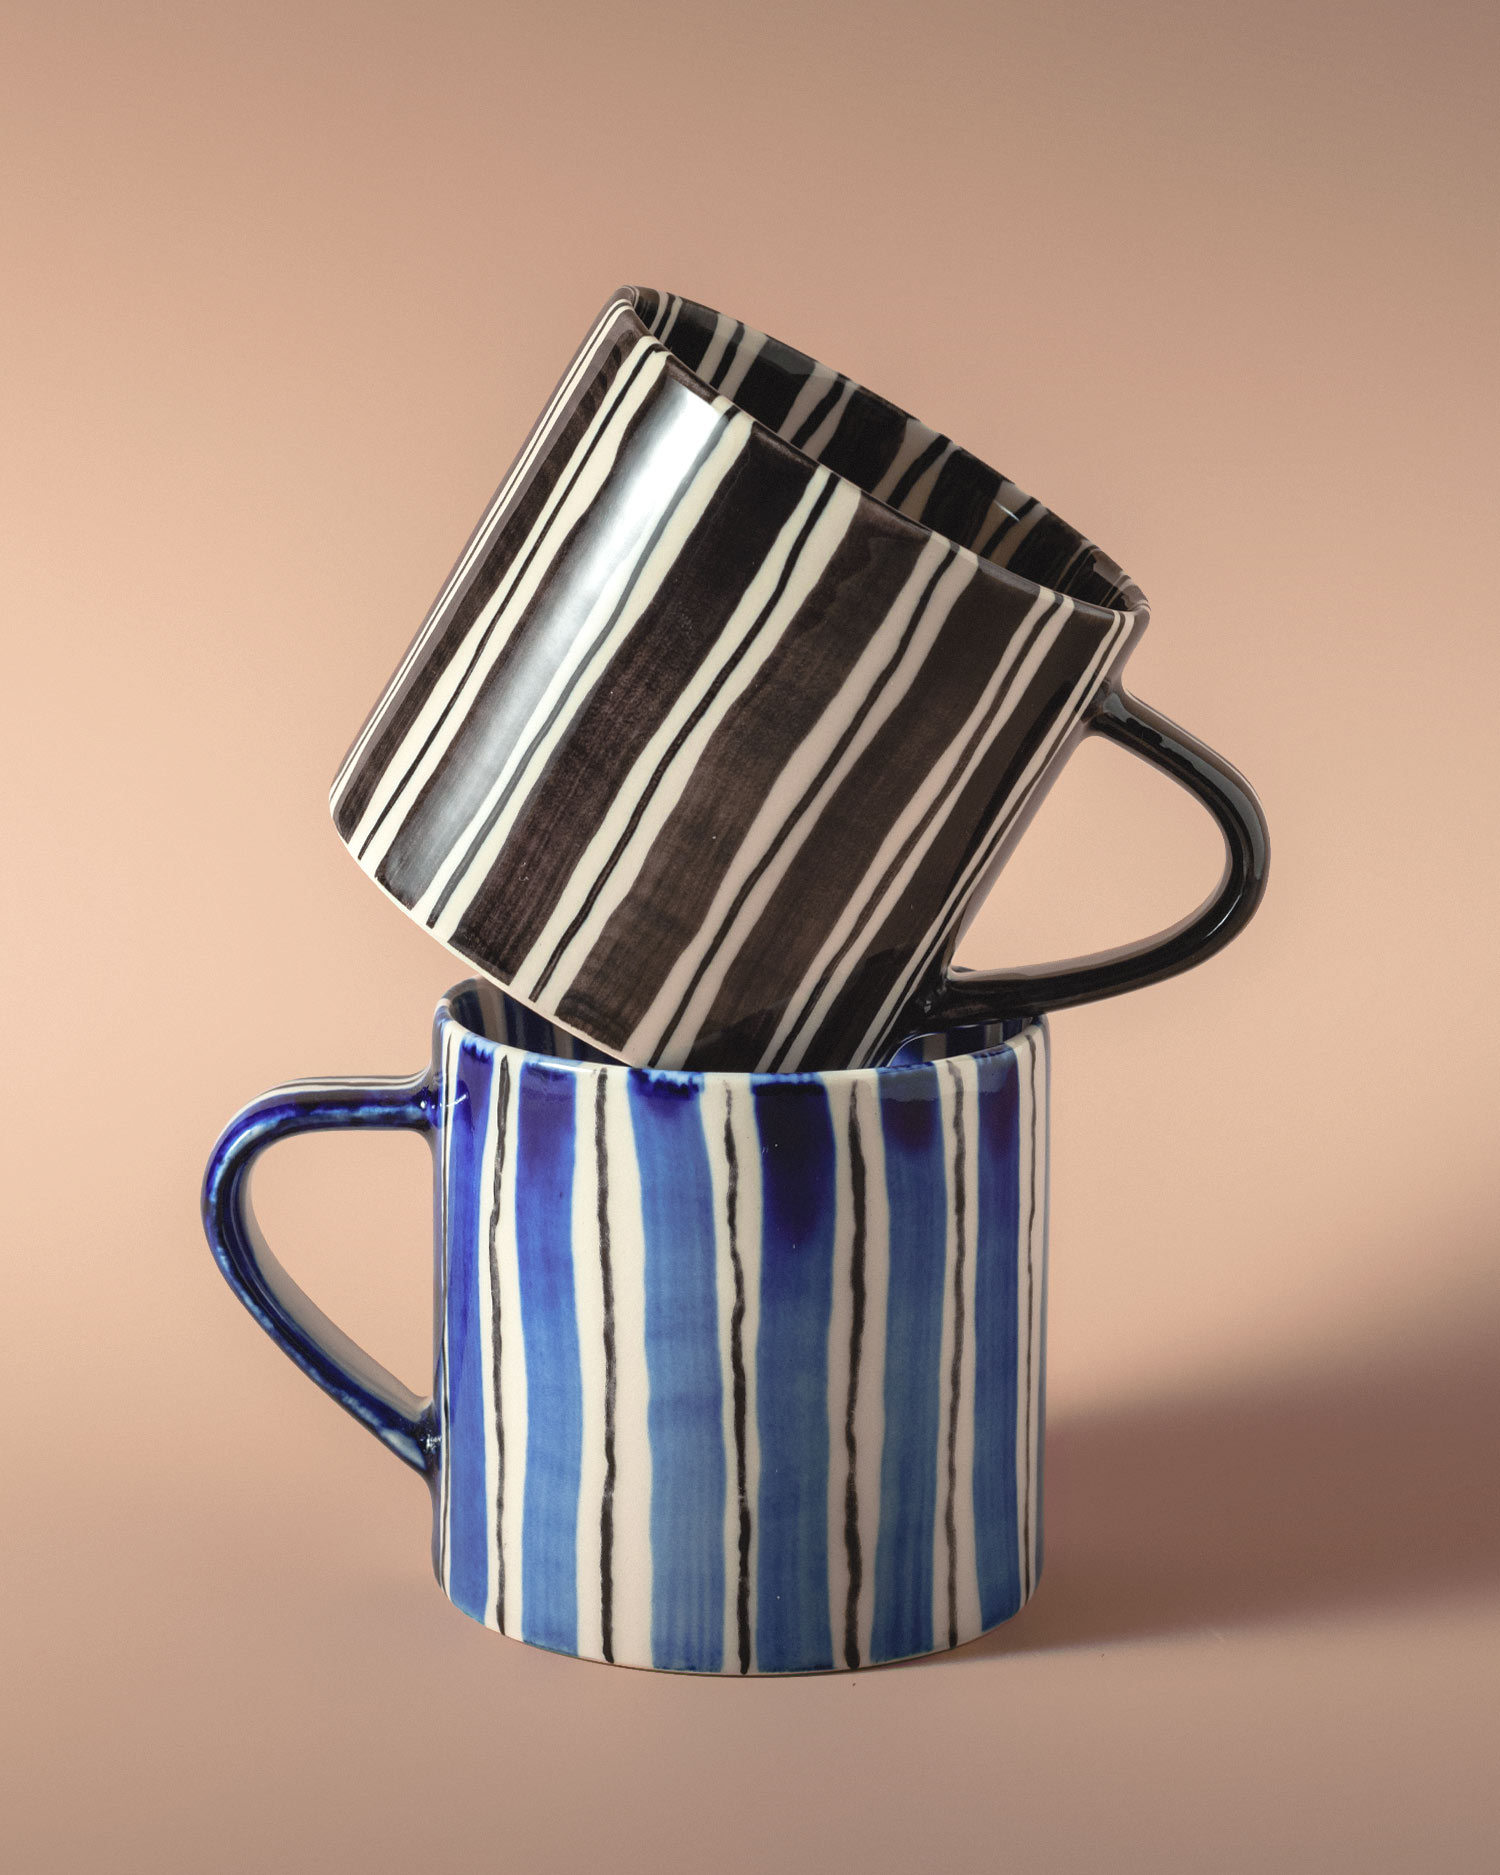 folkdrakter-coffee-cup-4.jpg